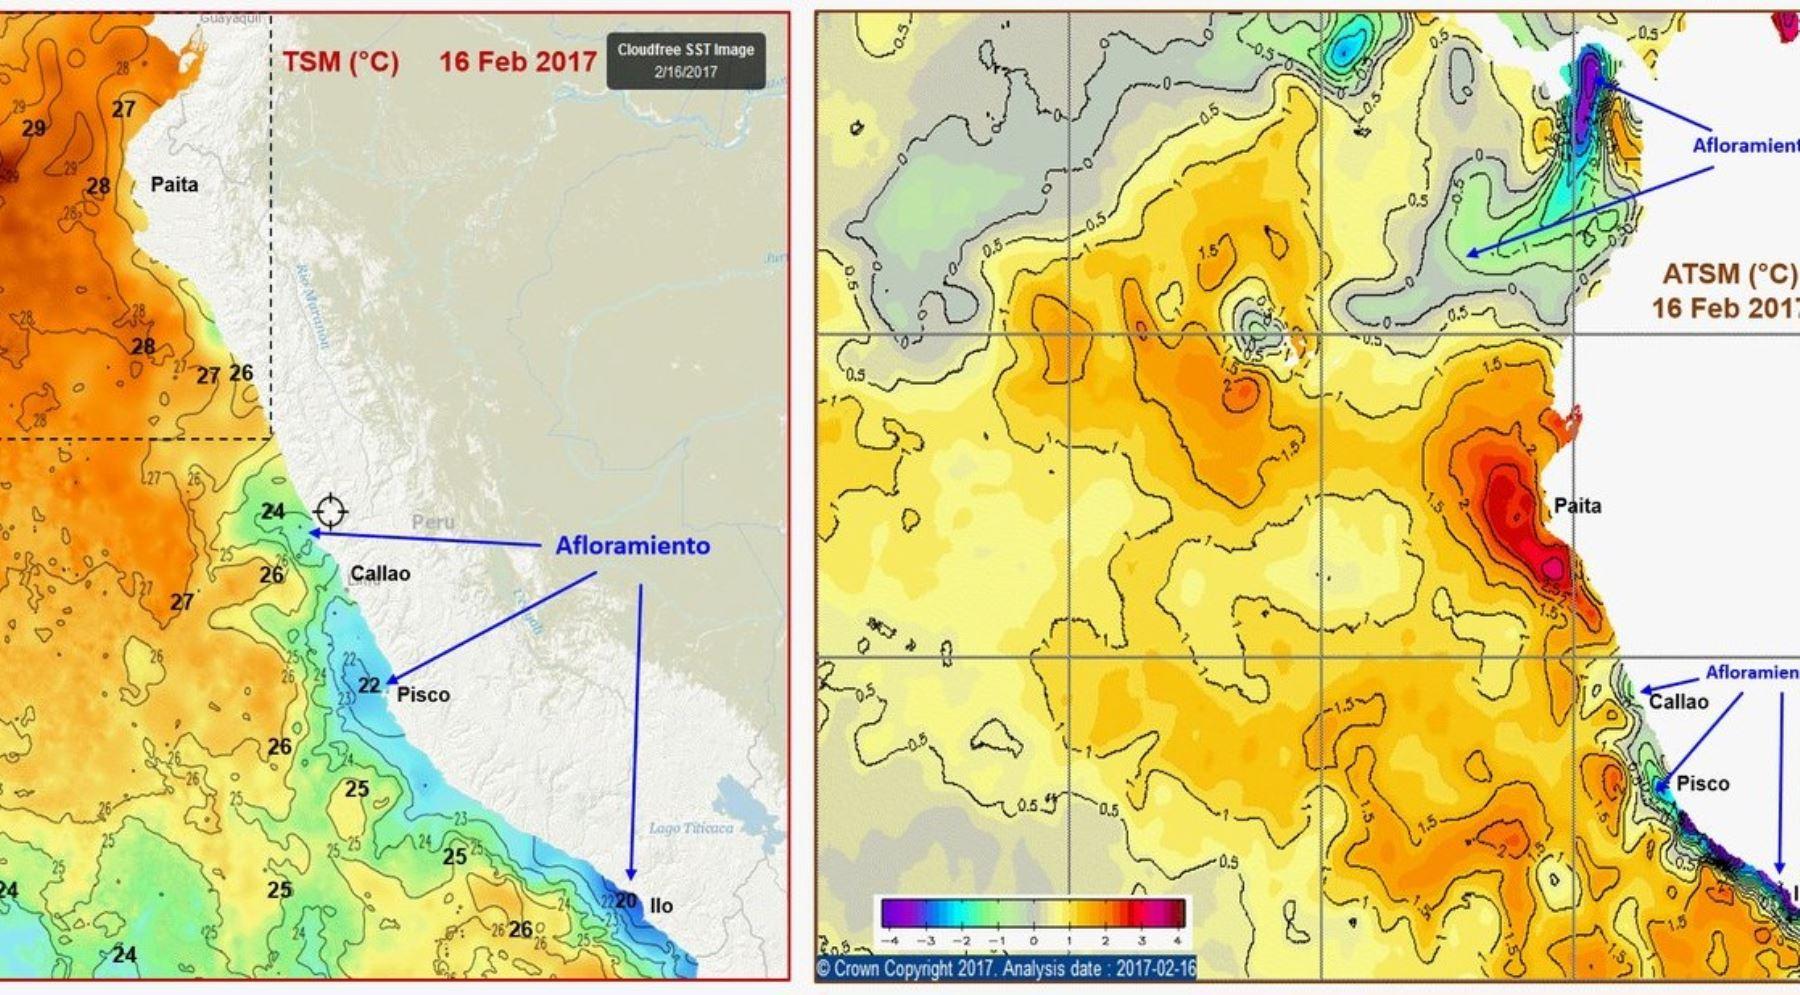 Posible ocurrencia de El Niño costero débil se mantiene hasta marzo, revela reporte del Enfen.